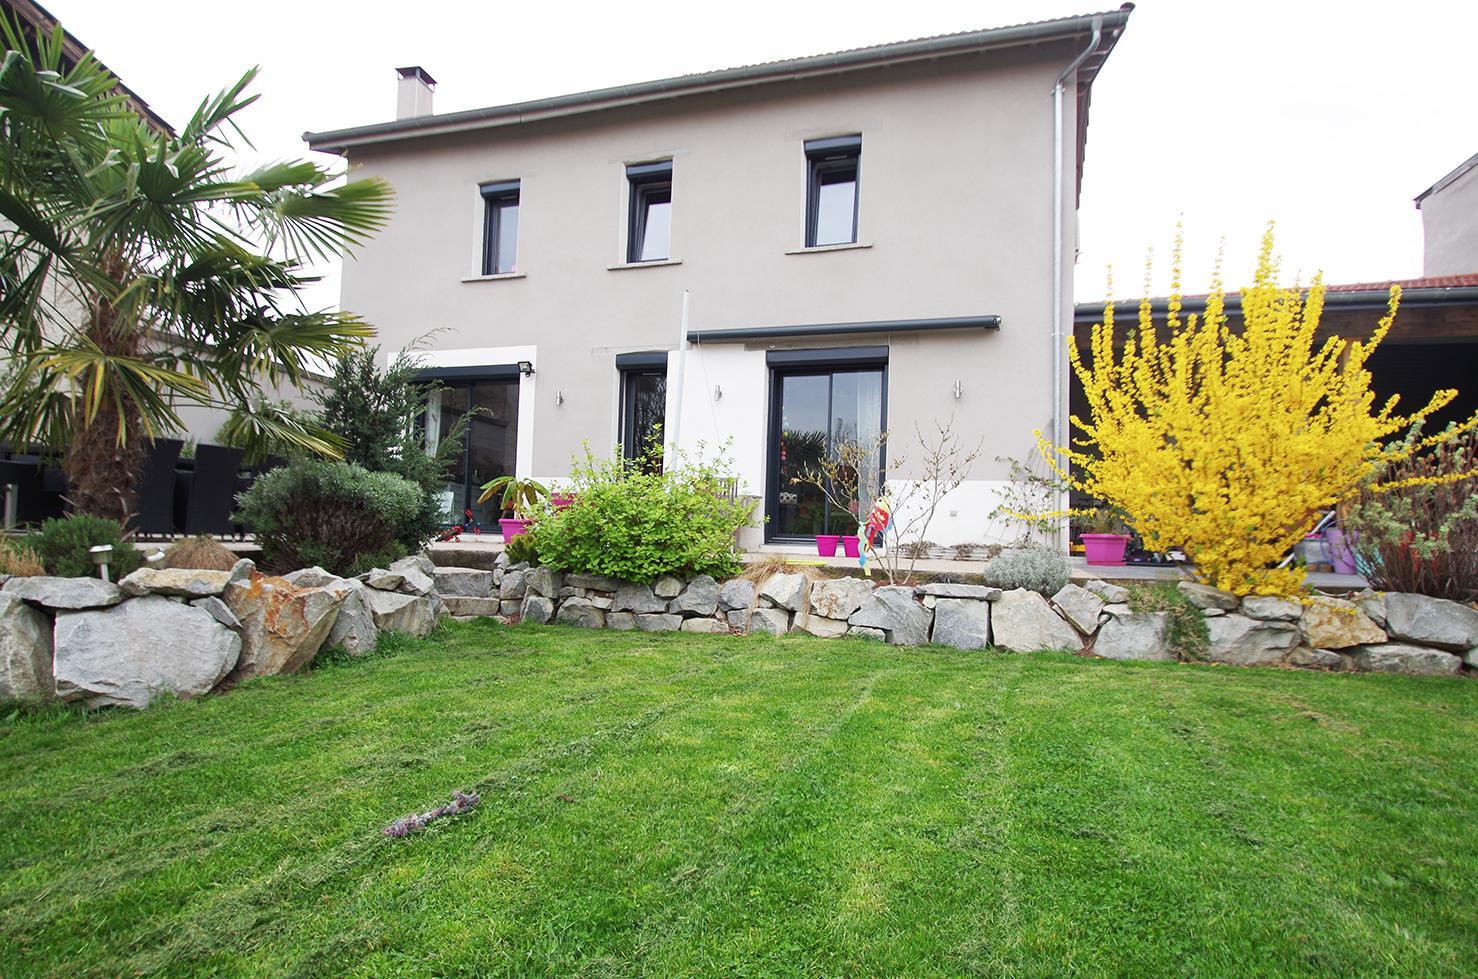 Vente maison au coeur de st priest village r novation for Prix renovation totale maison au m2